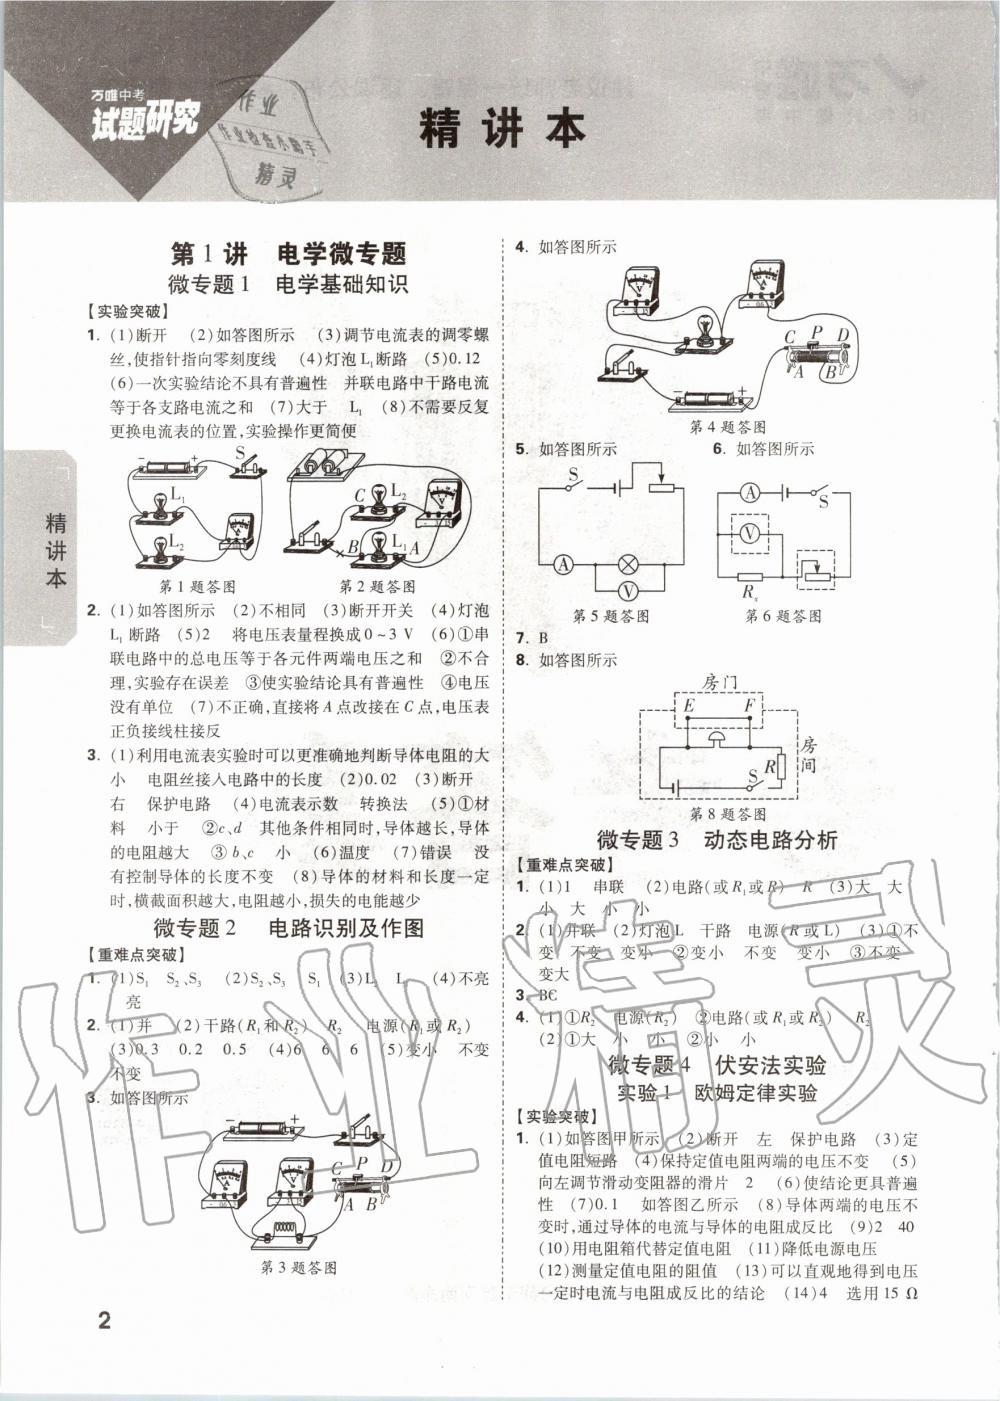 2020年万唯中考试题研究物理河南专版第1页